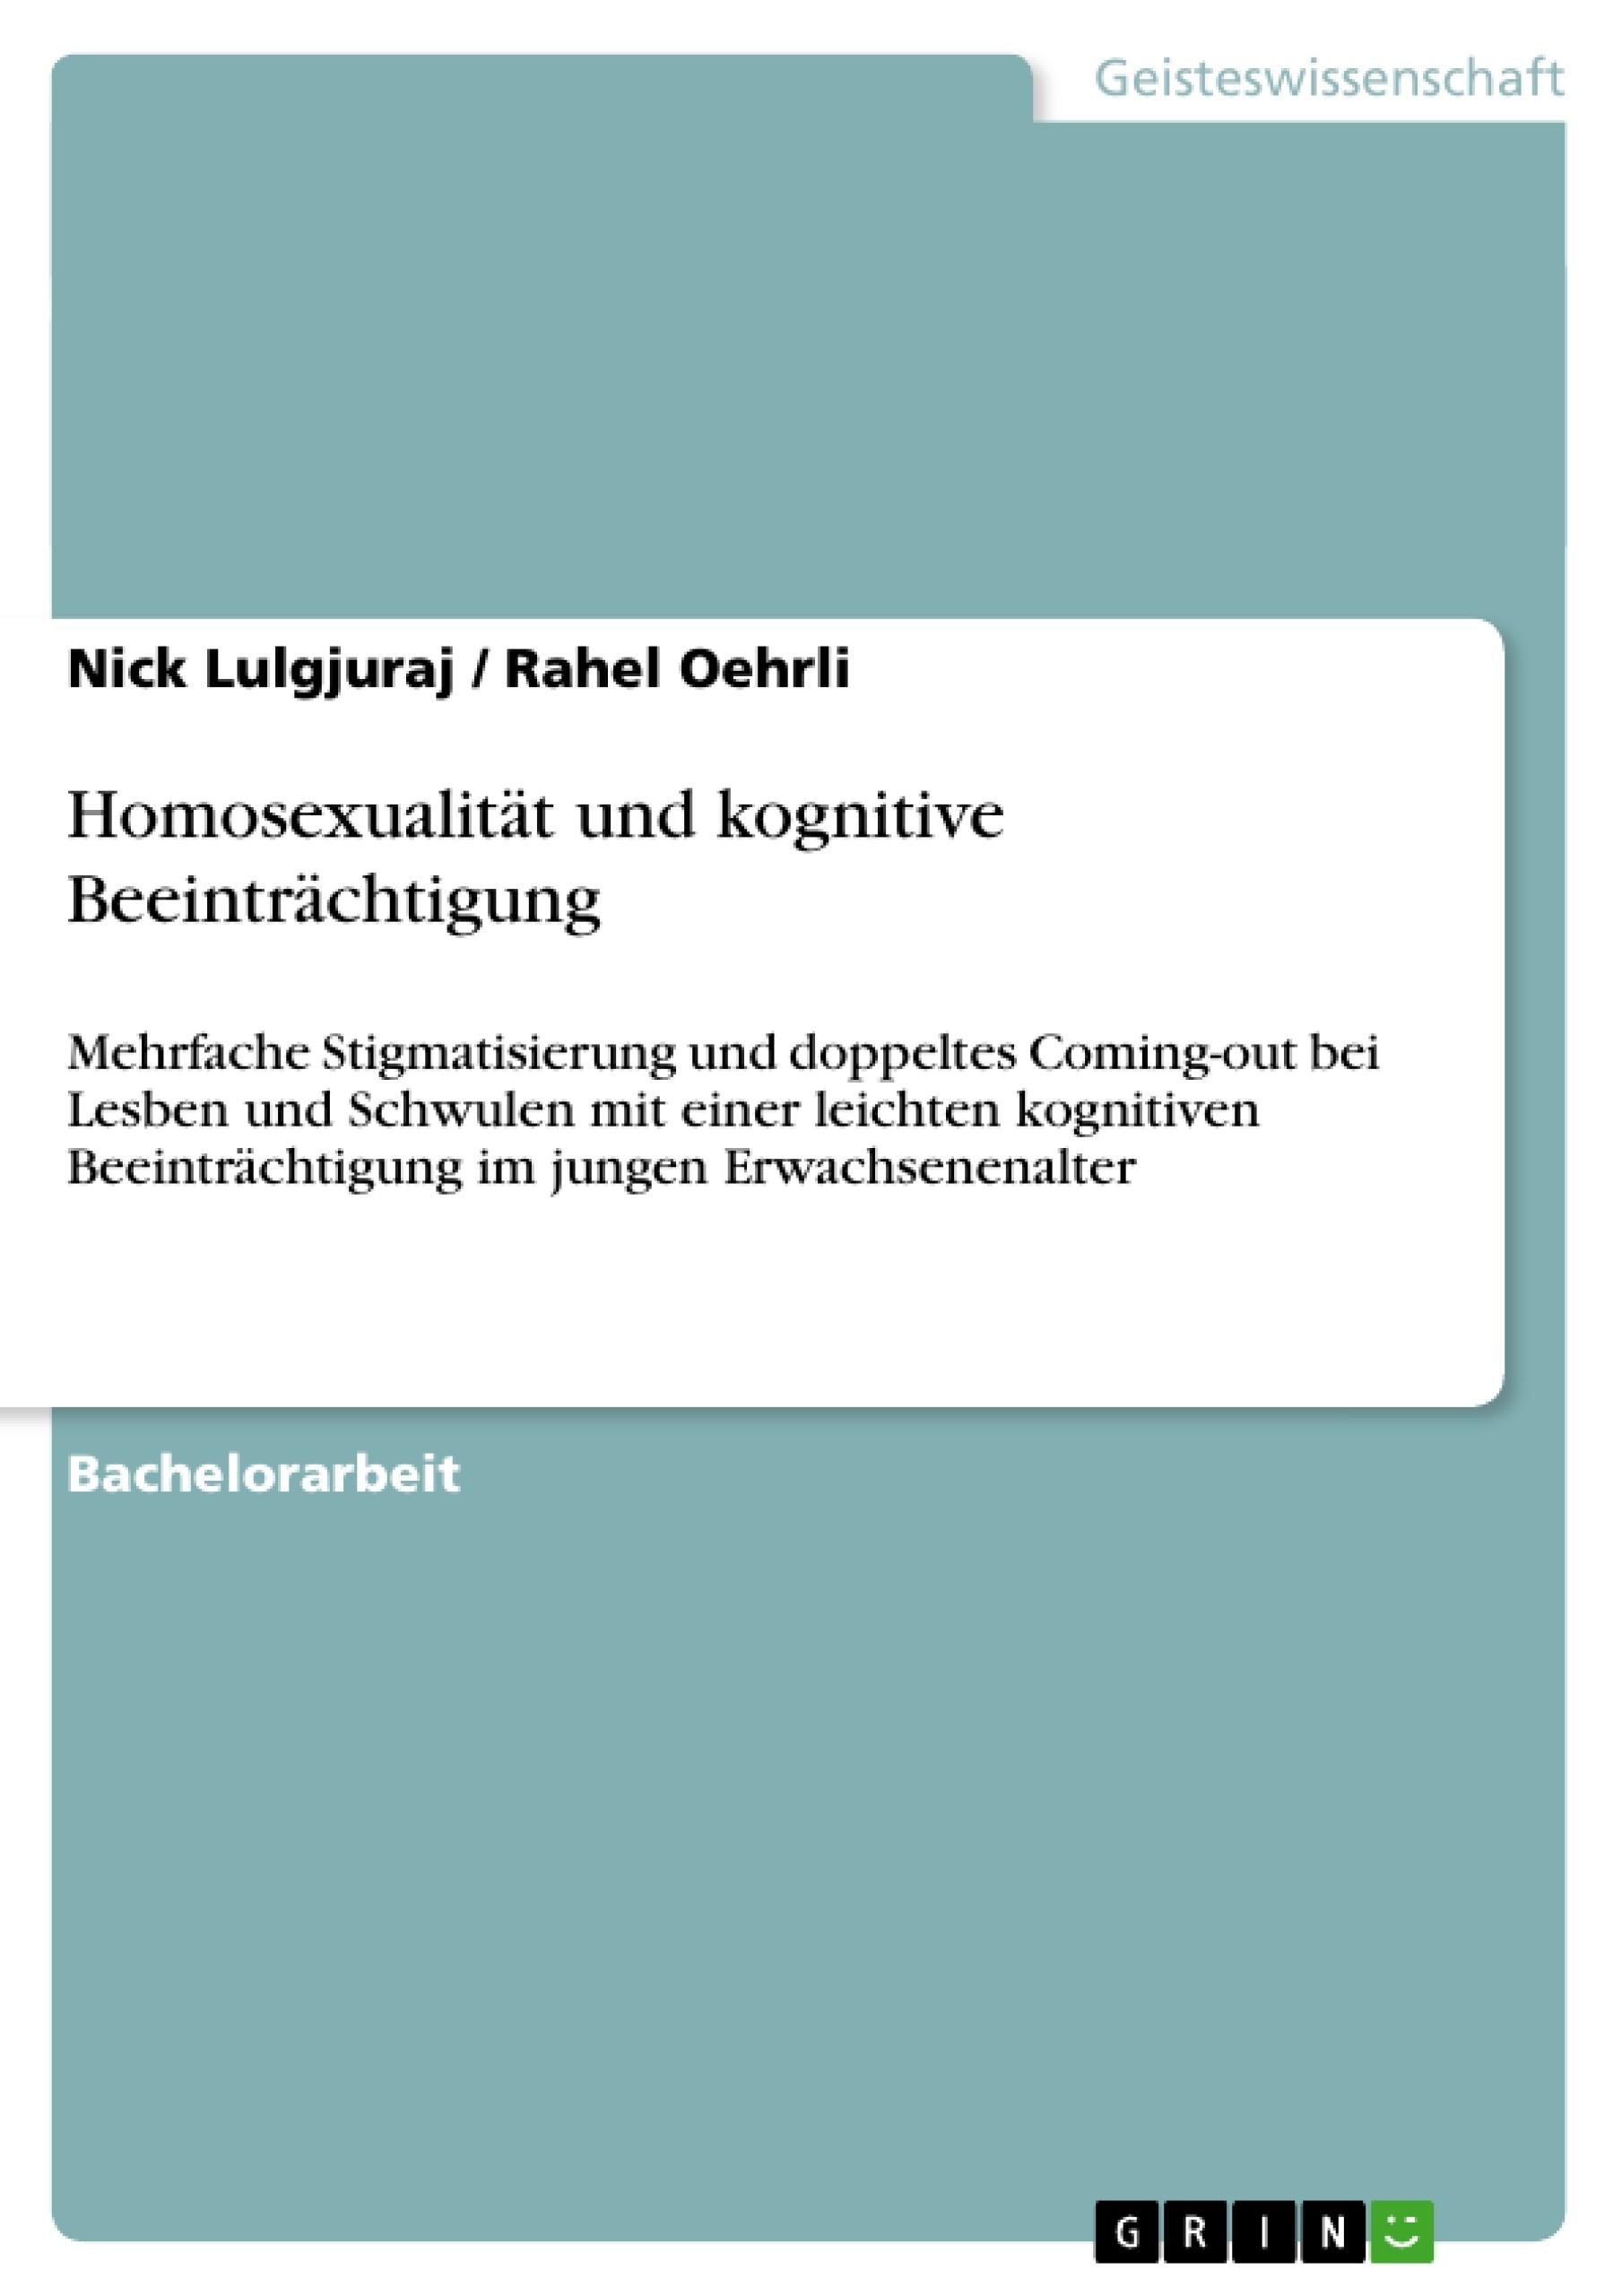 Titel: Homosexualität und kognitive Beeinträchtigung